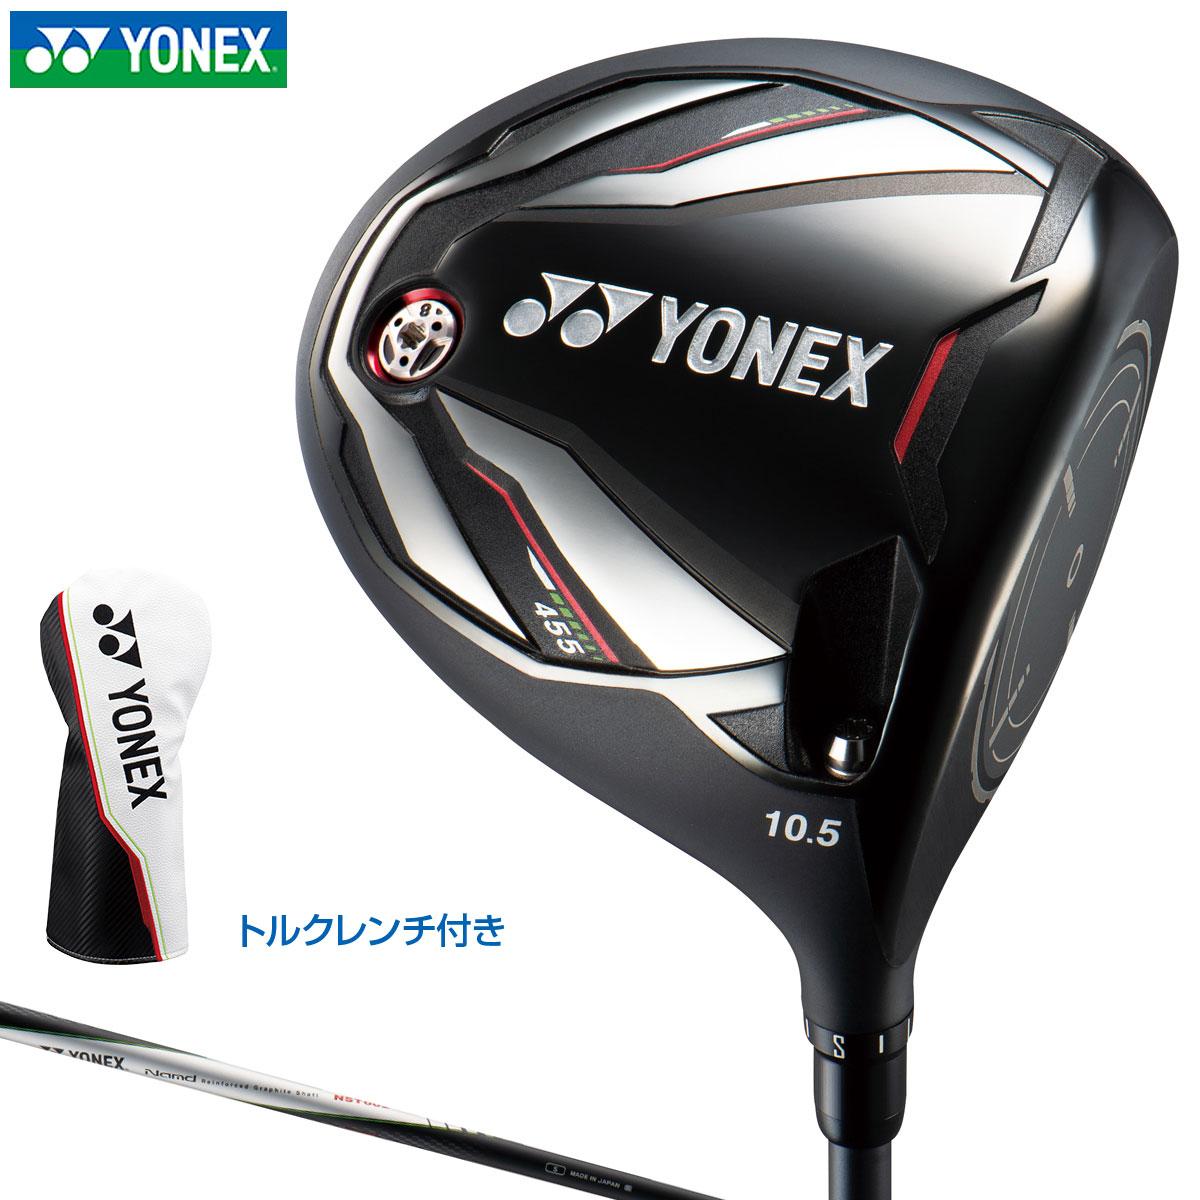 【【最大3300円OFFクーポン】】YONEX(ヨネックス)日本正規品 EZONE GT455ドライバー 2020新製品 NST002カーボンシャフト